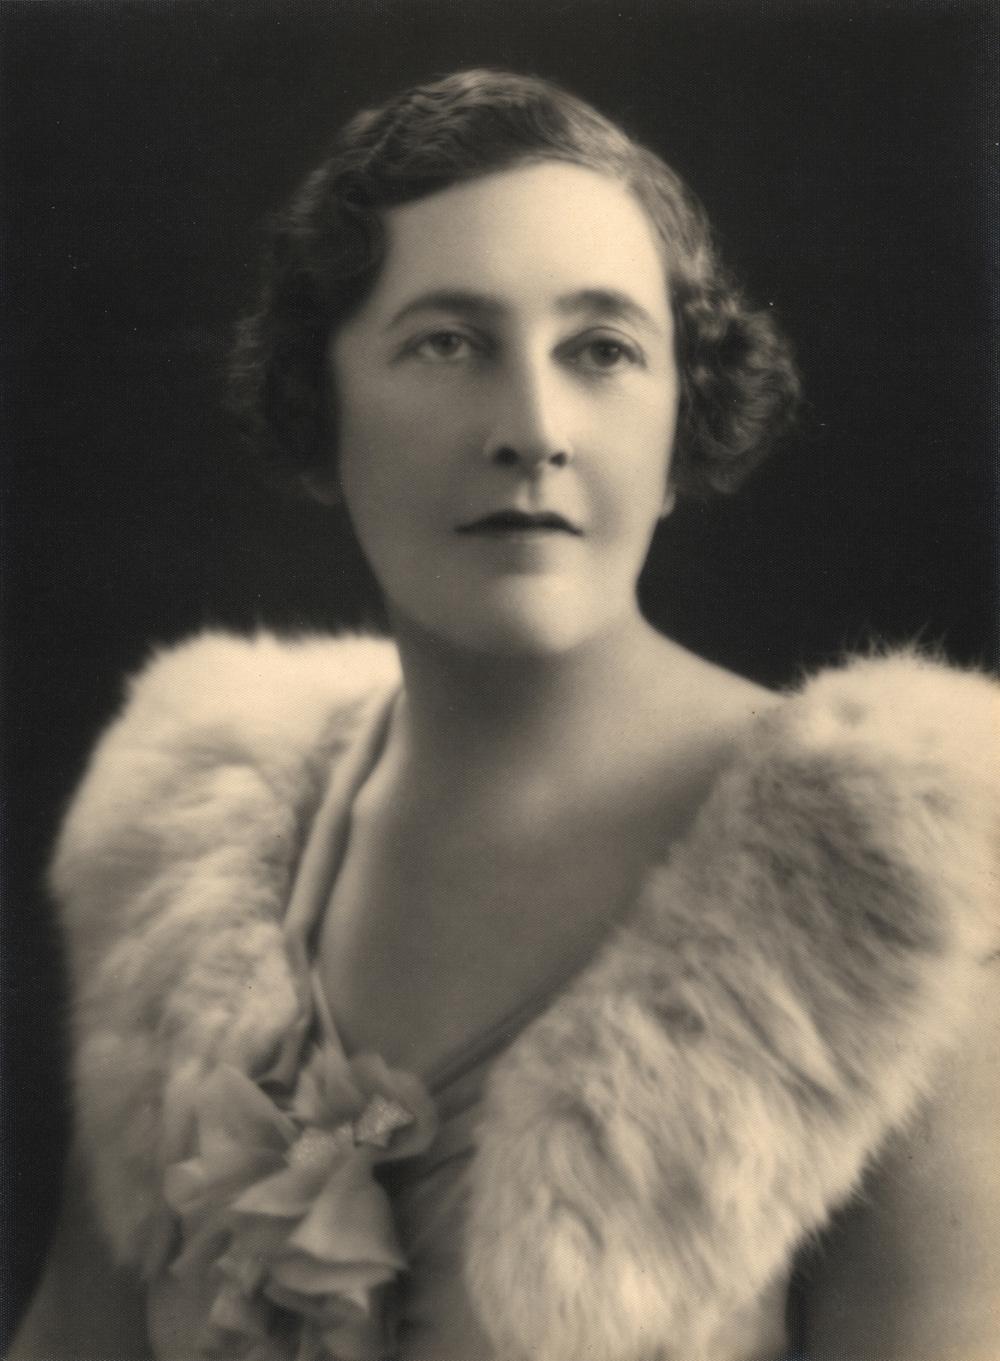 Agatha Christie (via The Agatha Christie Reader)